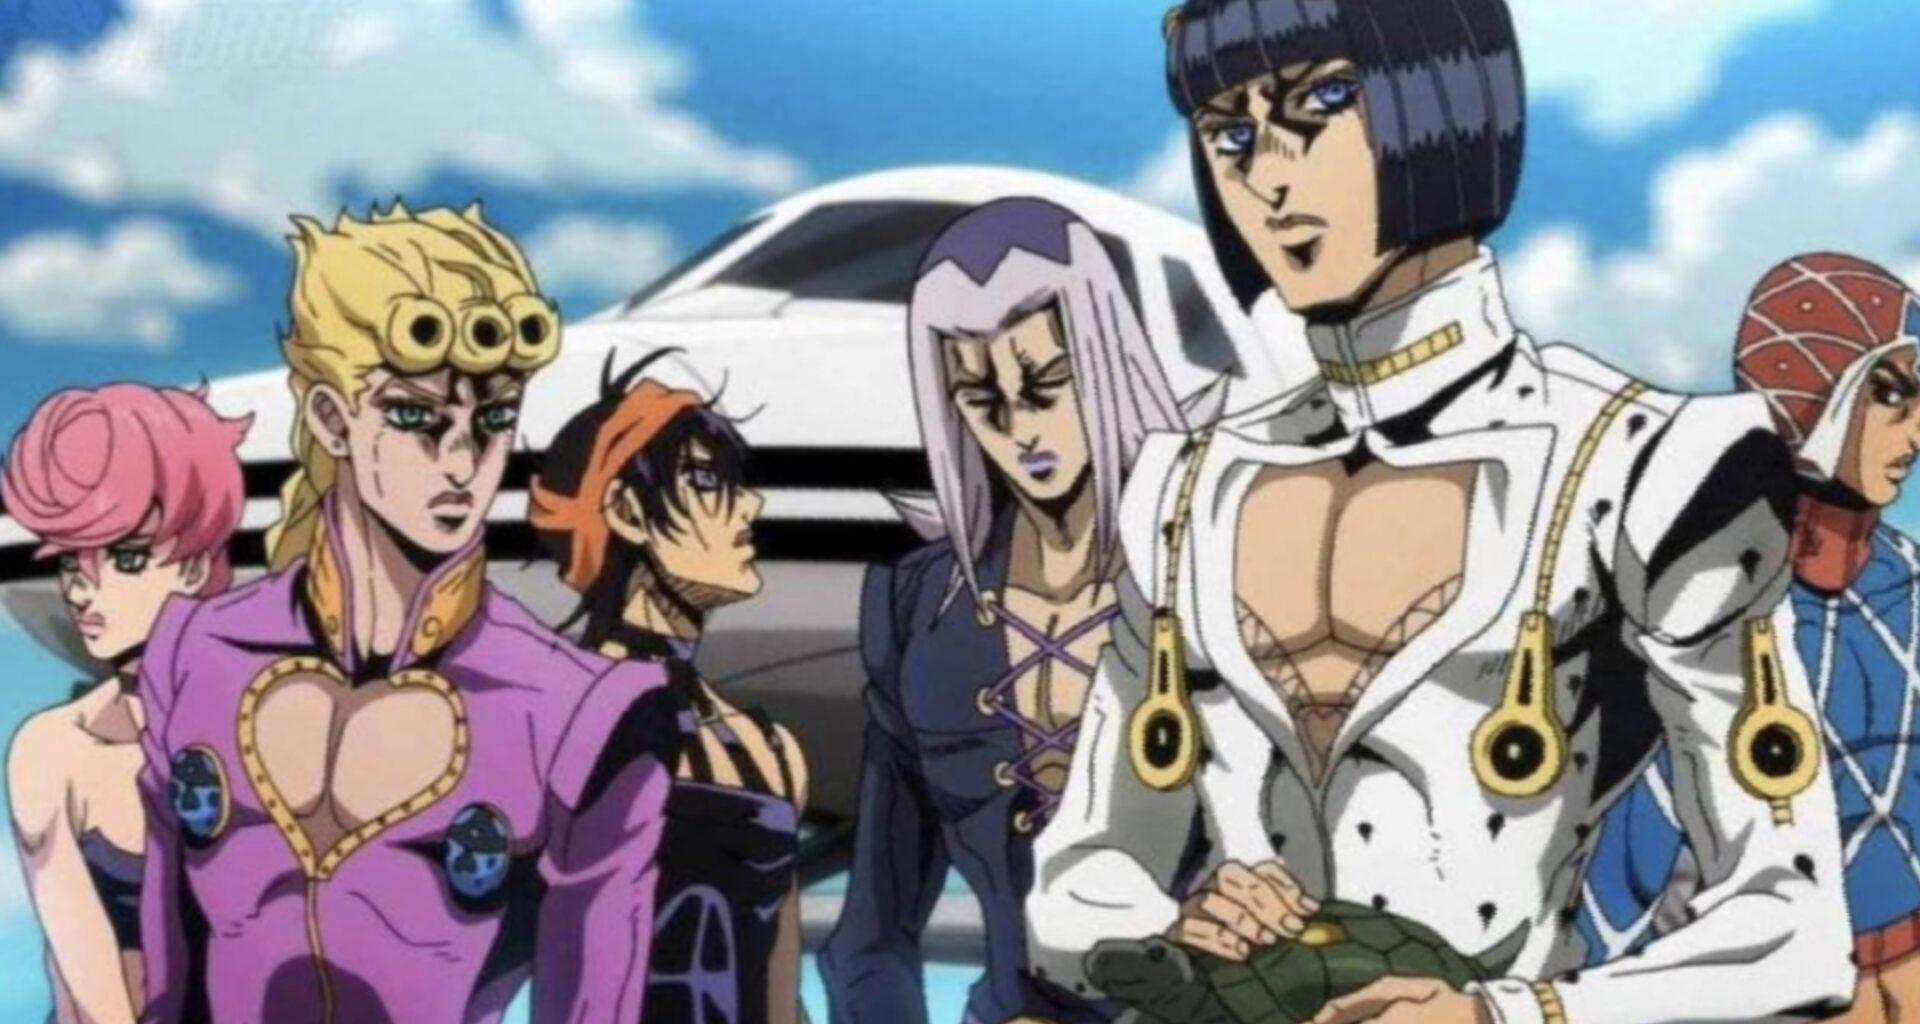 Jojo Part 6 Anime Release Date 2021